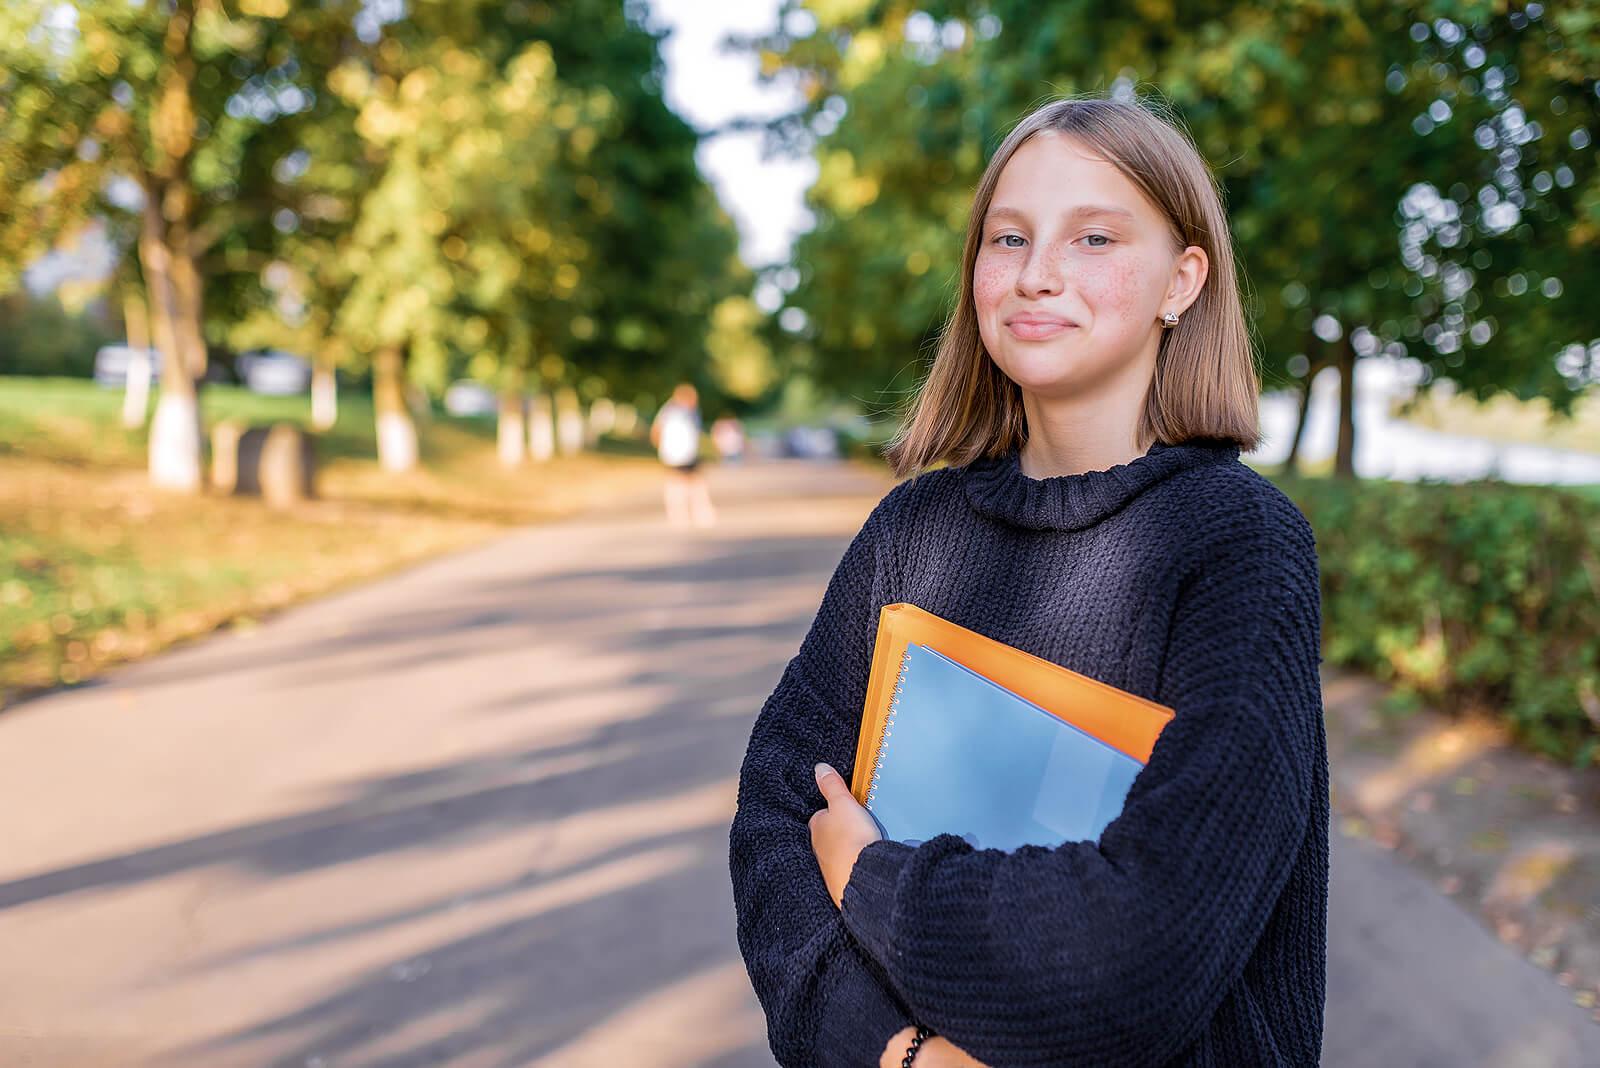 Chica contenta con la ayuda recibida por sus padres para elegir los estudios.